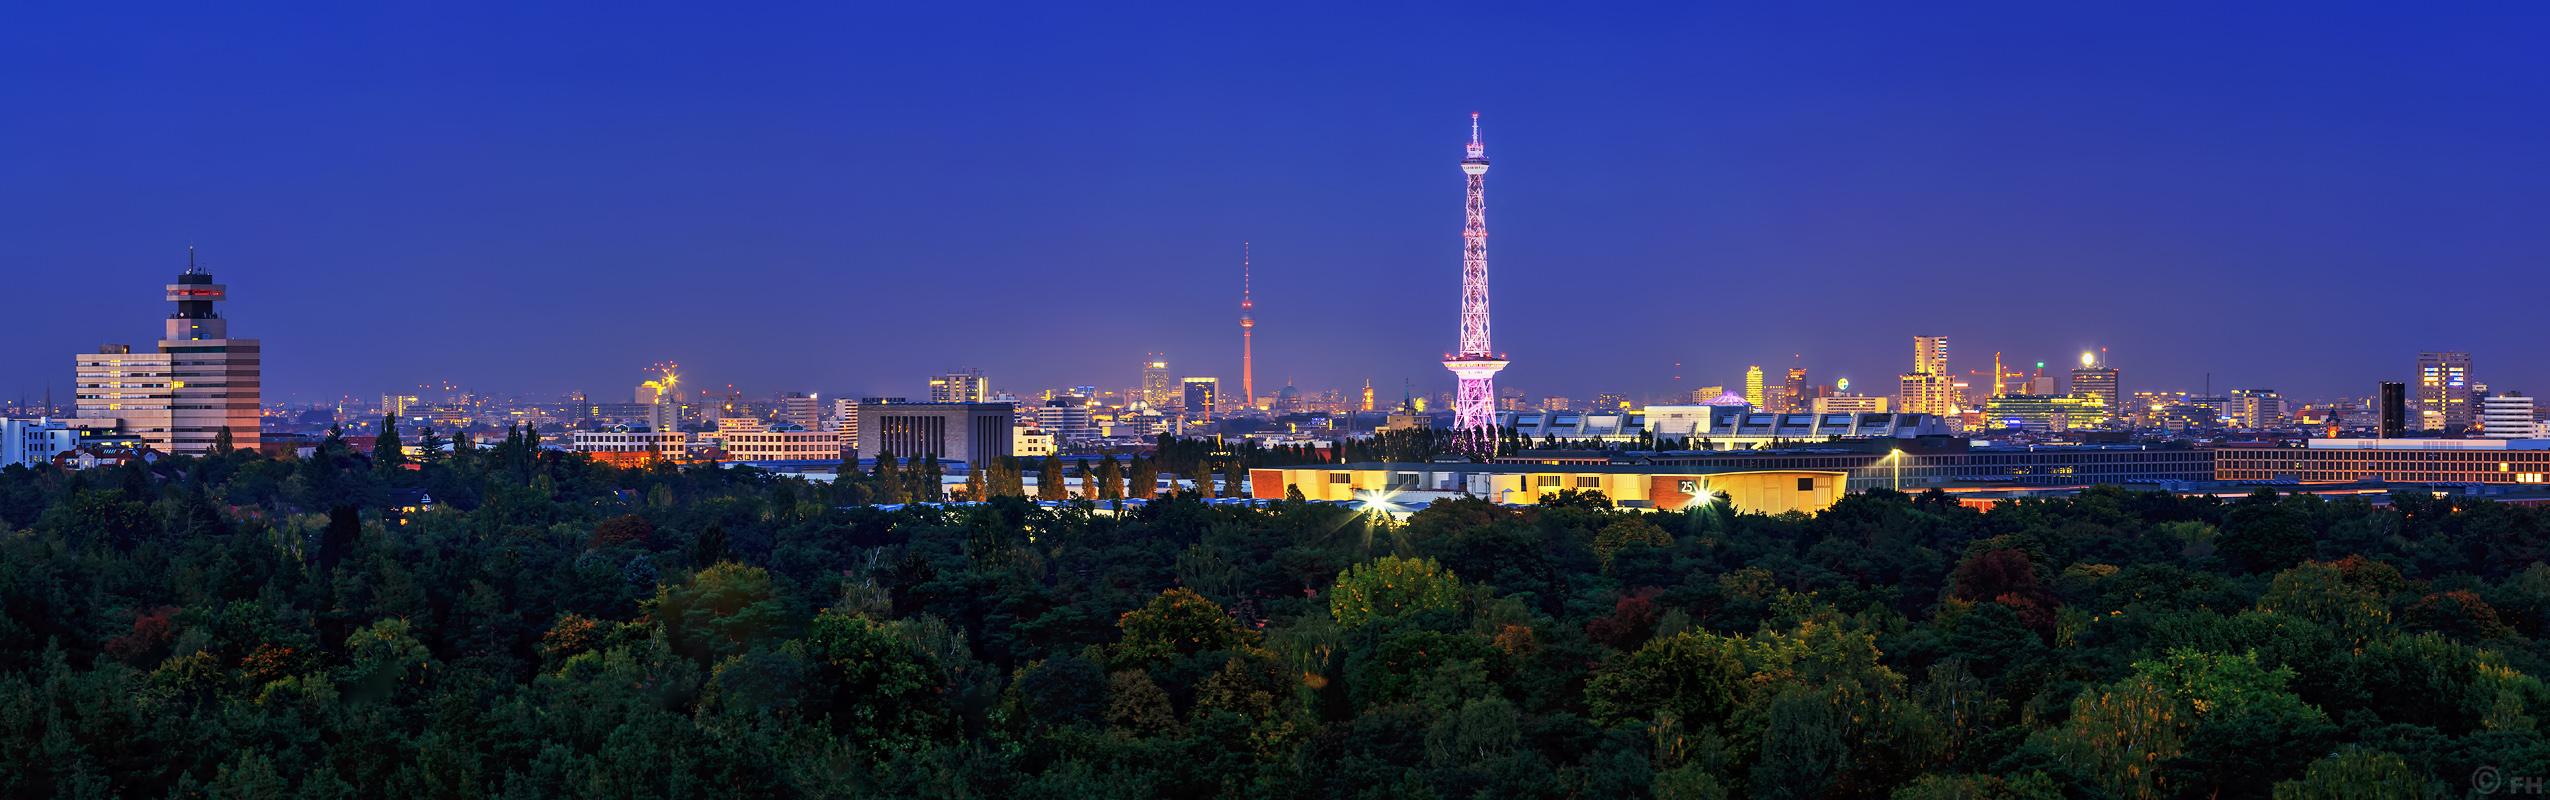 Berlin_Skyline_15_k